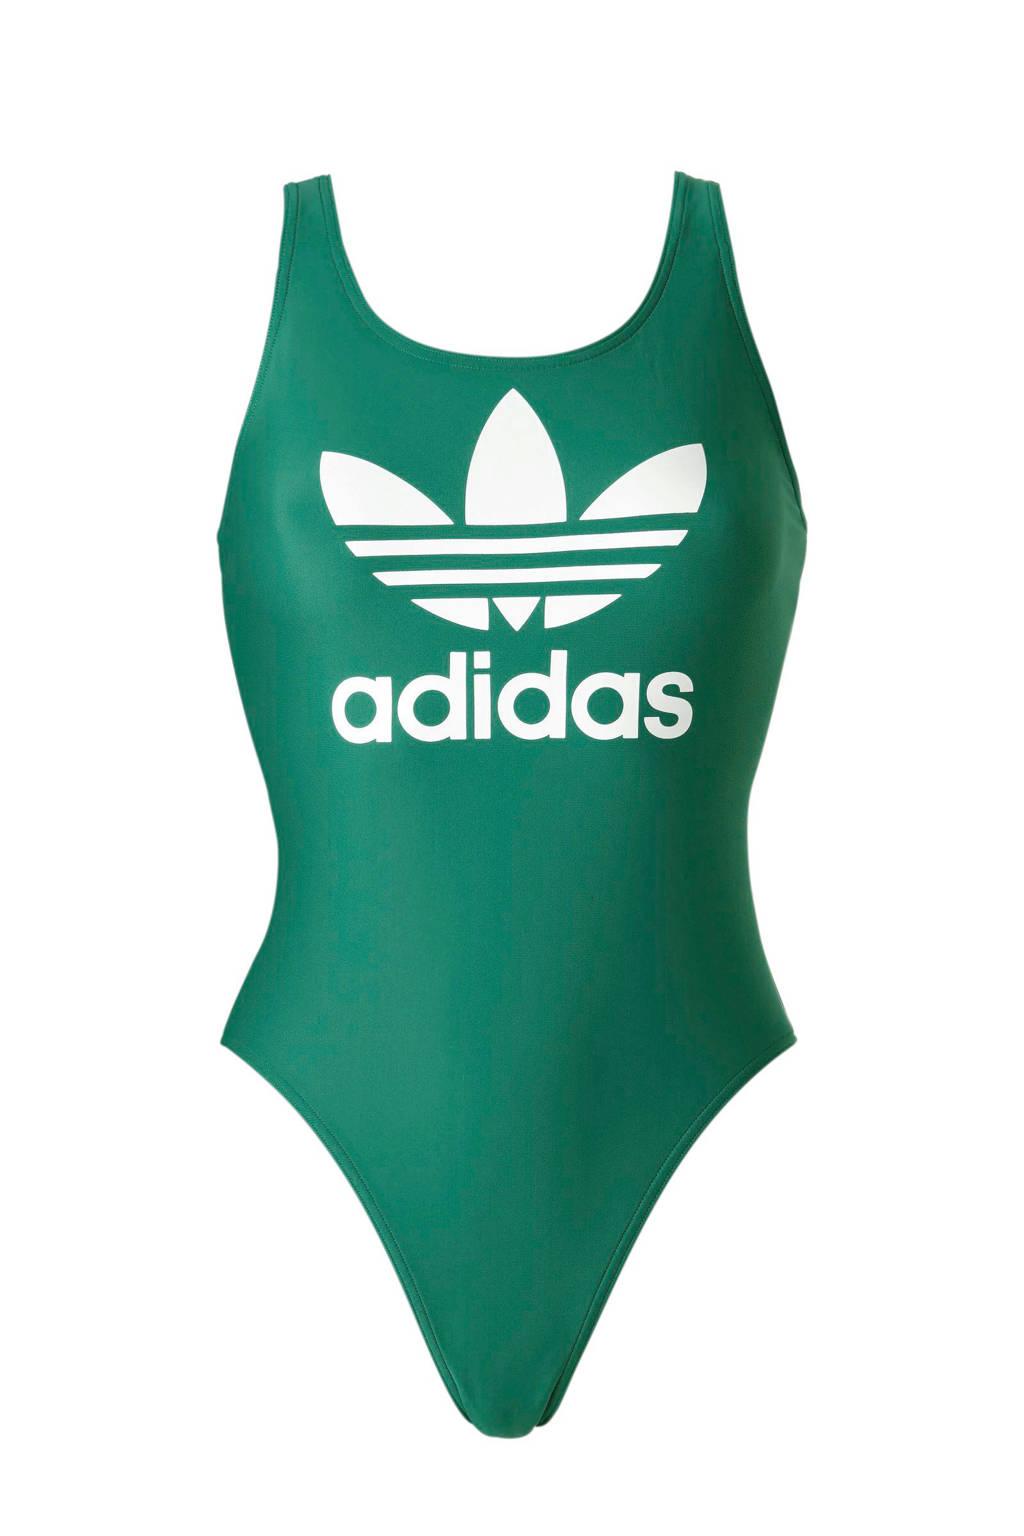 adidas performance performance sportbadpak met logo groen, Groen/wit